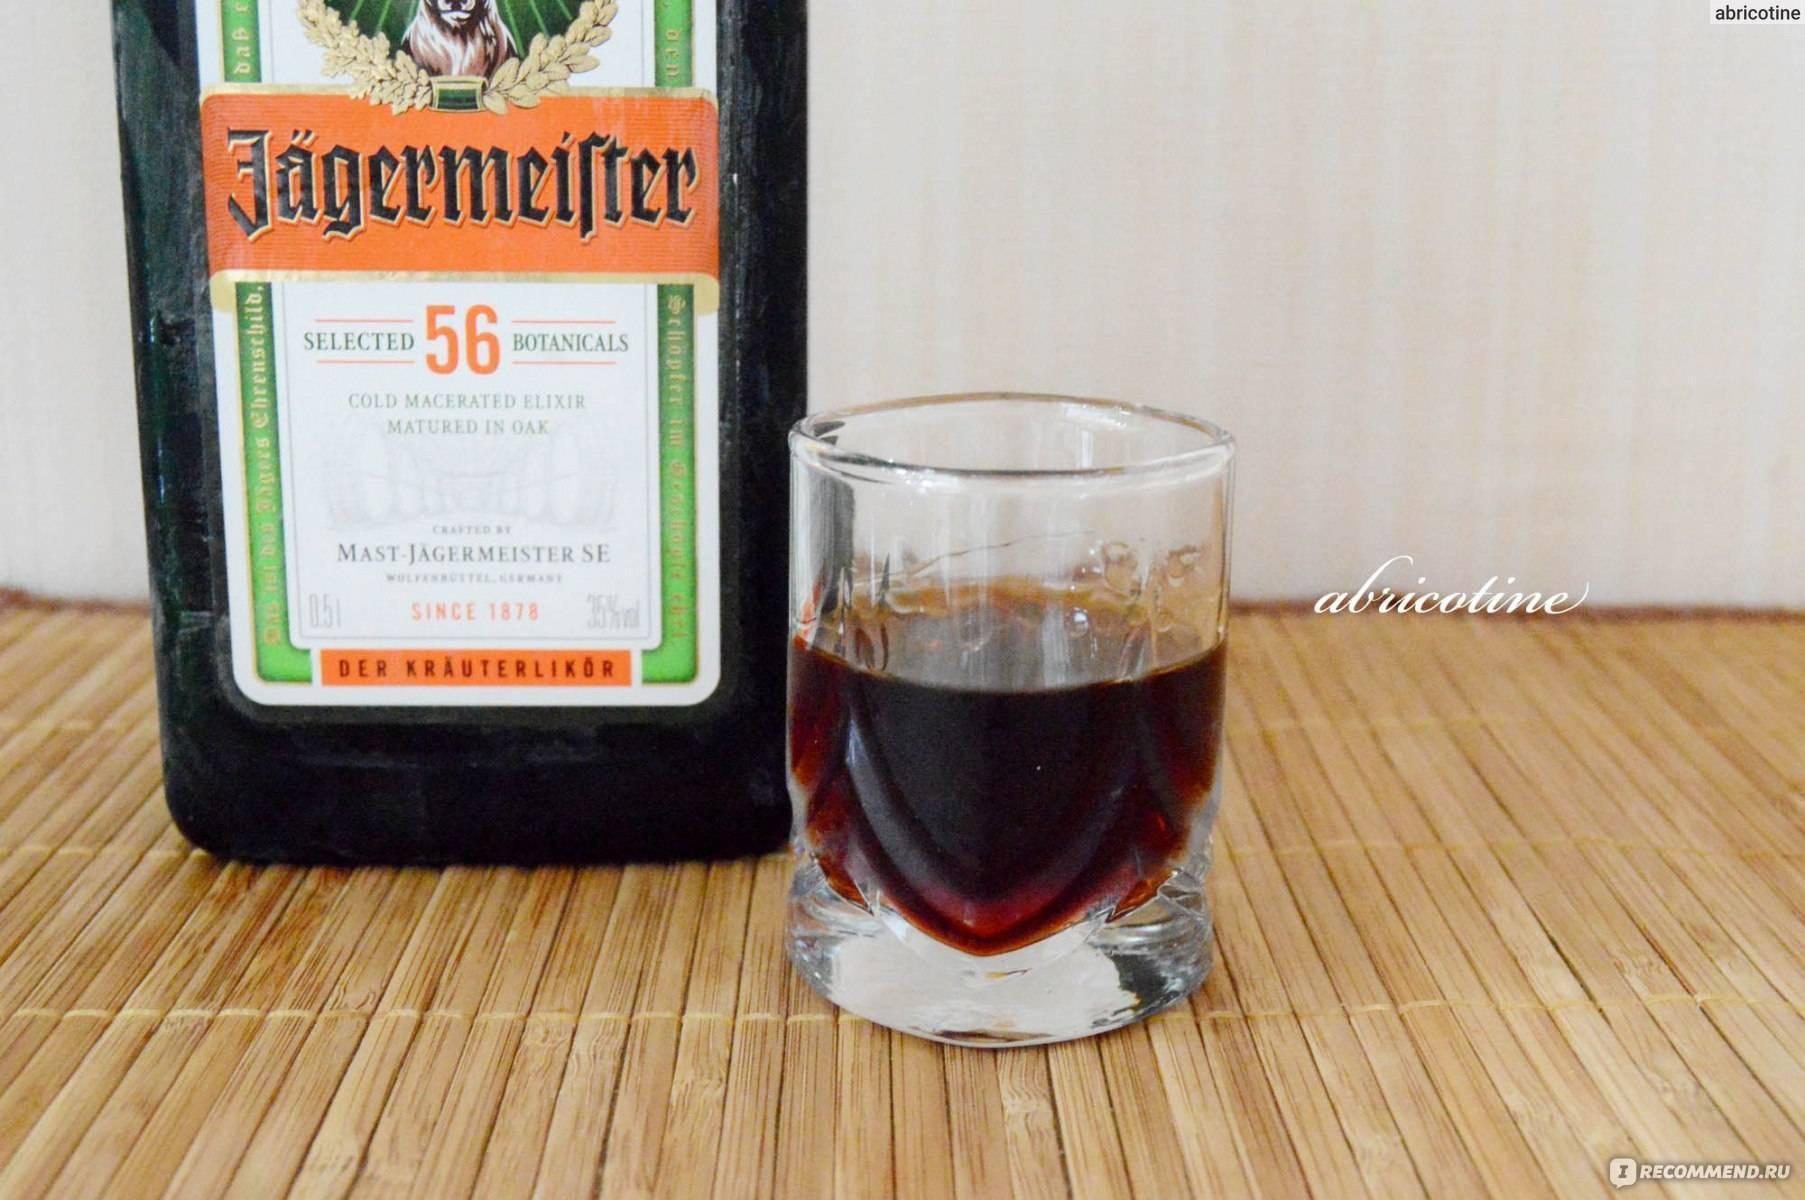 Как и с чем пить ликер егерь мастер?